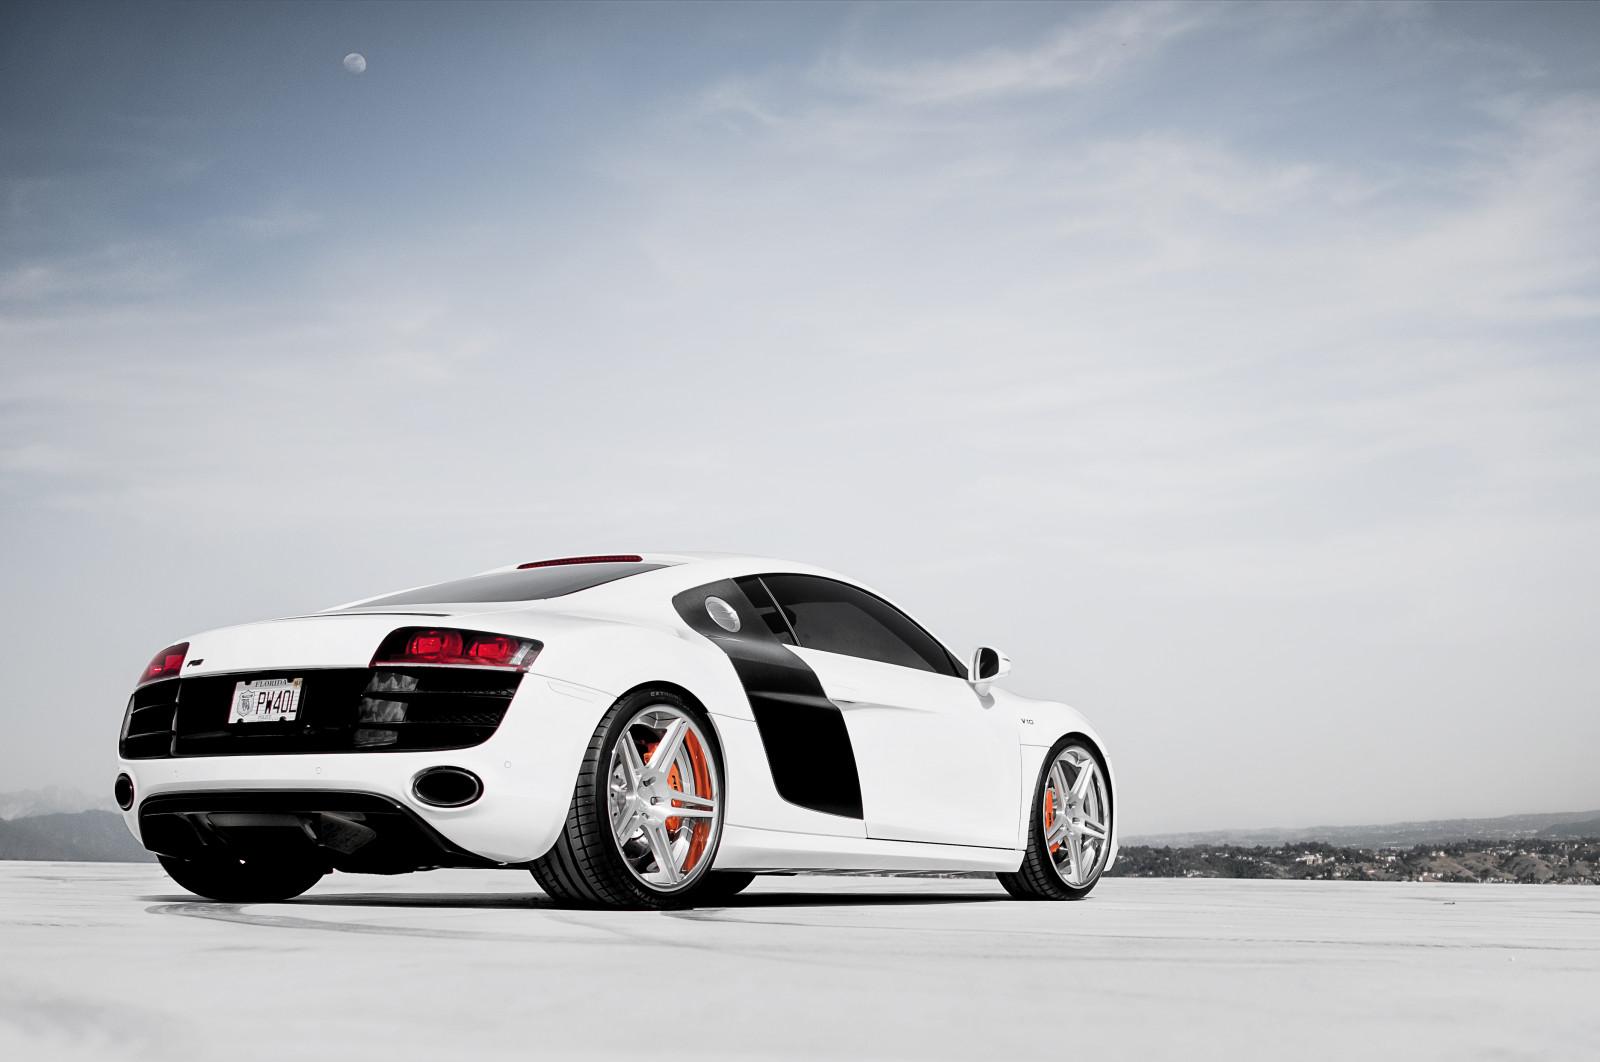 Wallpaper Mobil Sport Putih: Wallpaper : Putih, Audi, Mobil Sport, Audi R8, Mobil